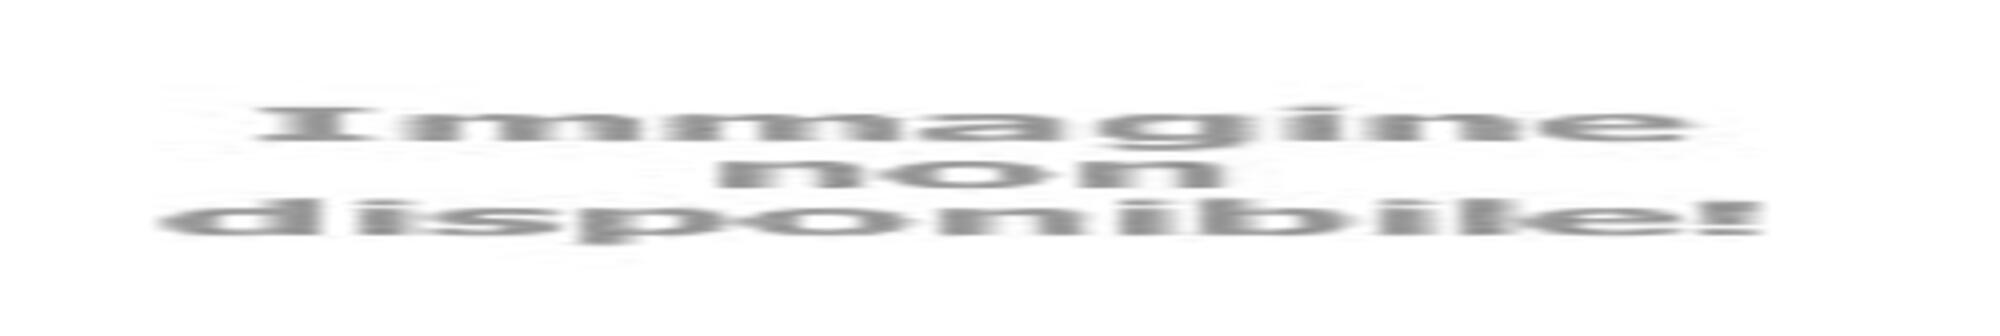 Offerta hotel Meeting dell'Amicizia 2017 Rimini vicino fiera